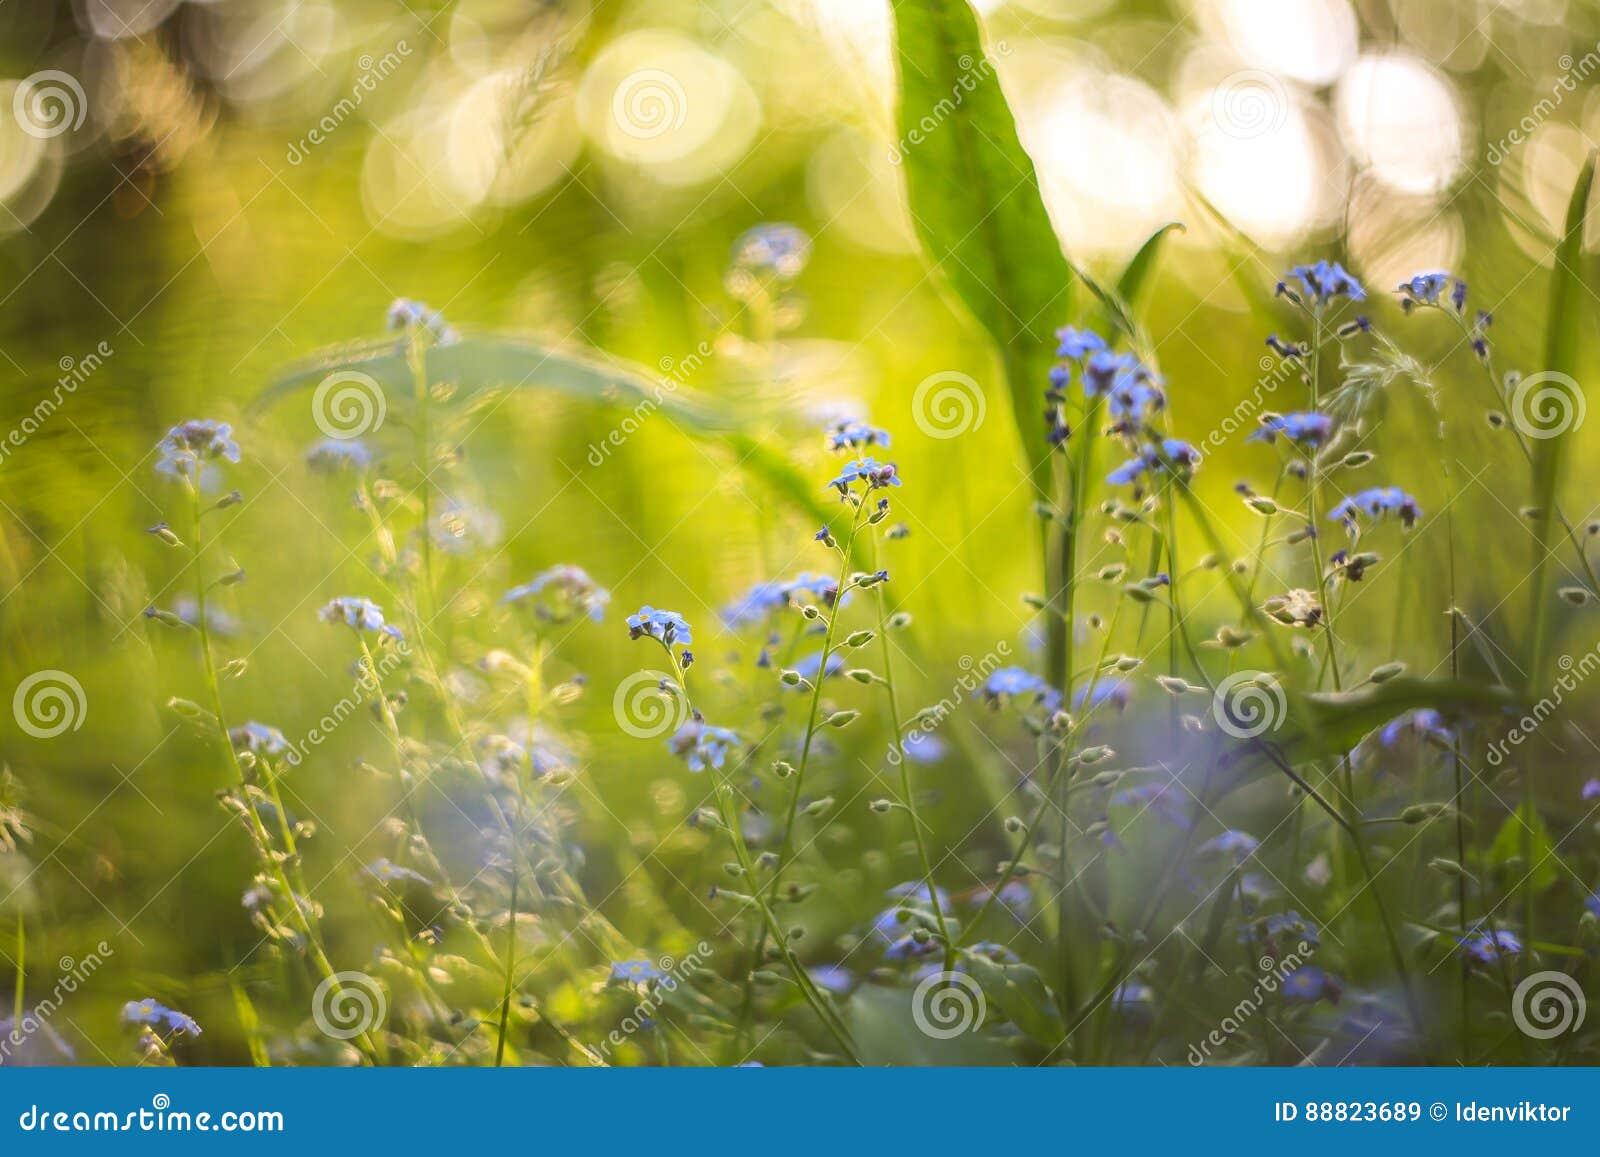 Abstrakter heller unscharfer Hintergrund mit Frühling und Sommer mit kleinen blauen Blumen und Anlagen Mit schönem bokeh im Sonne